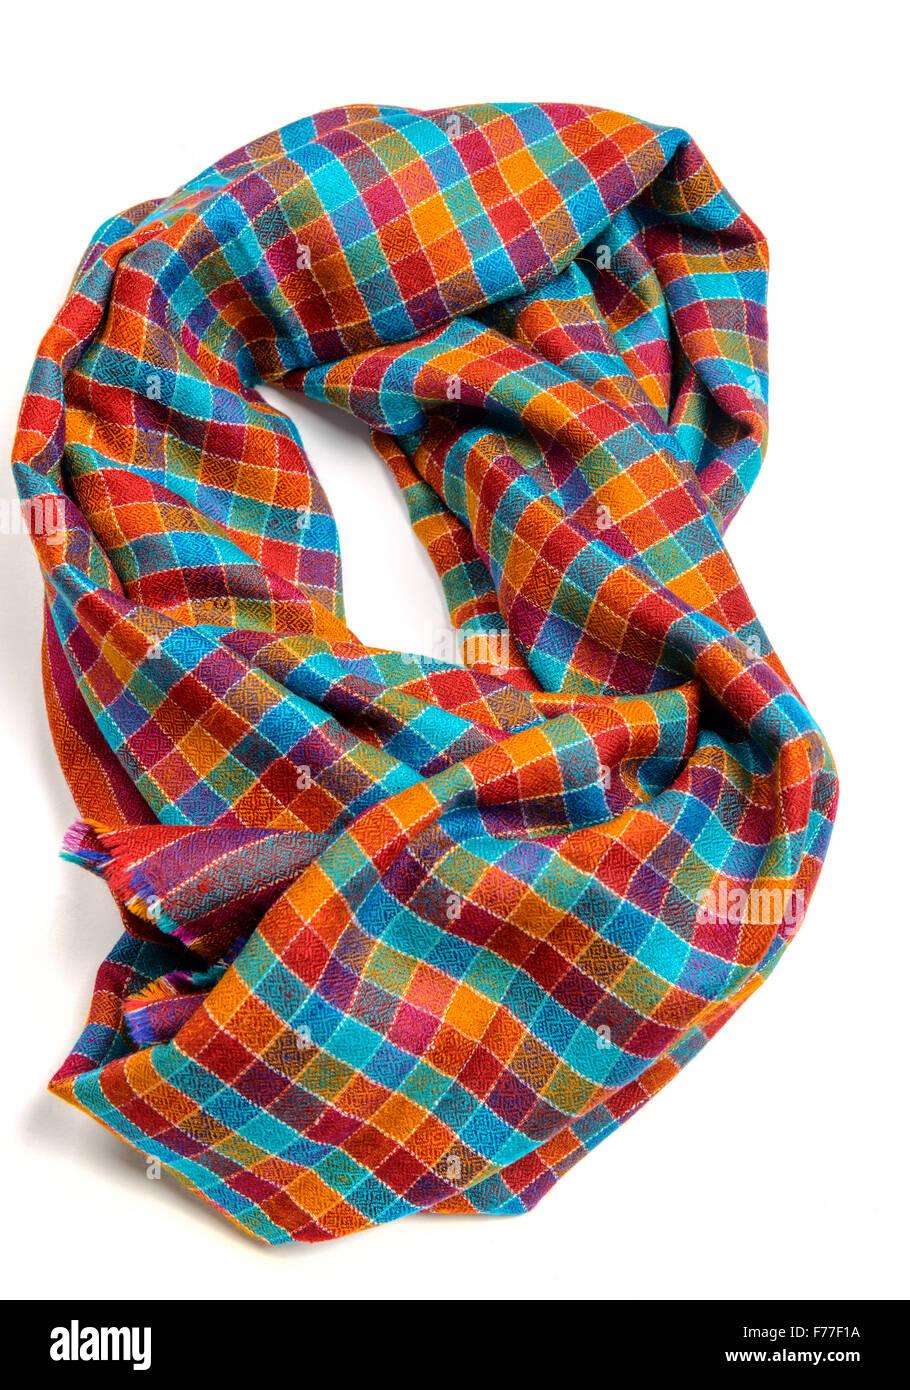 Pashmina antique style shawl - Stock Image